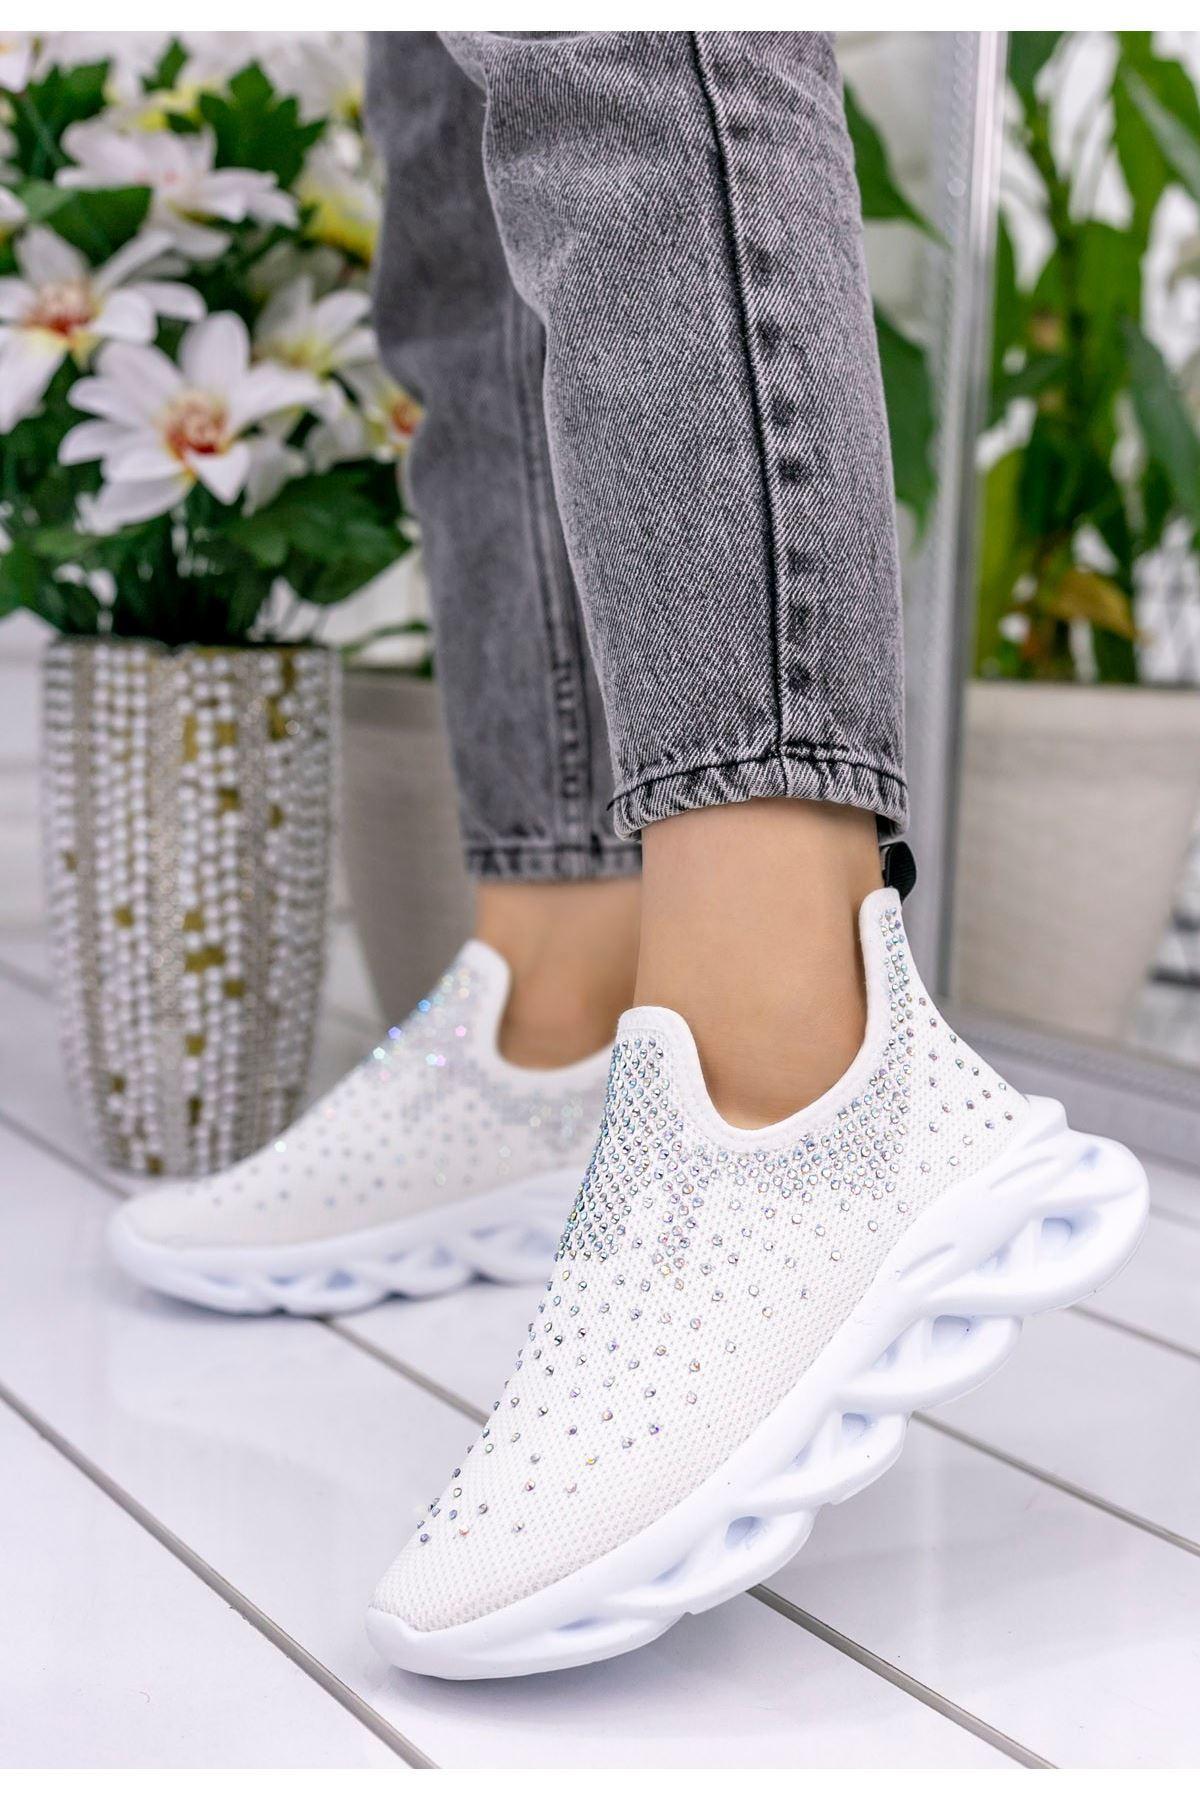 Patsy Beyaz Boncuklu Spor Ayakkabı